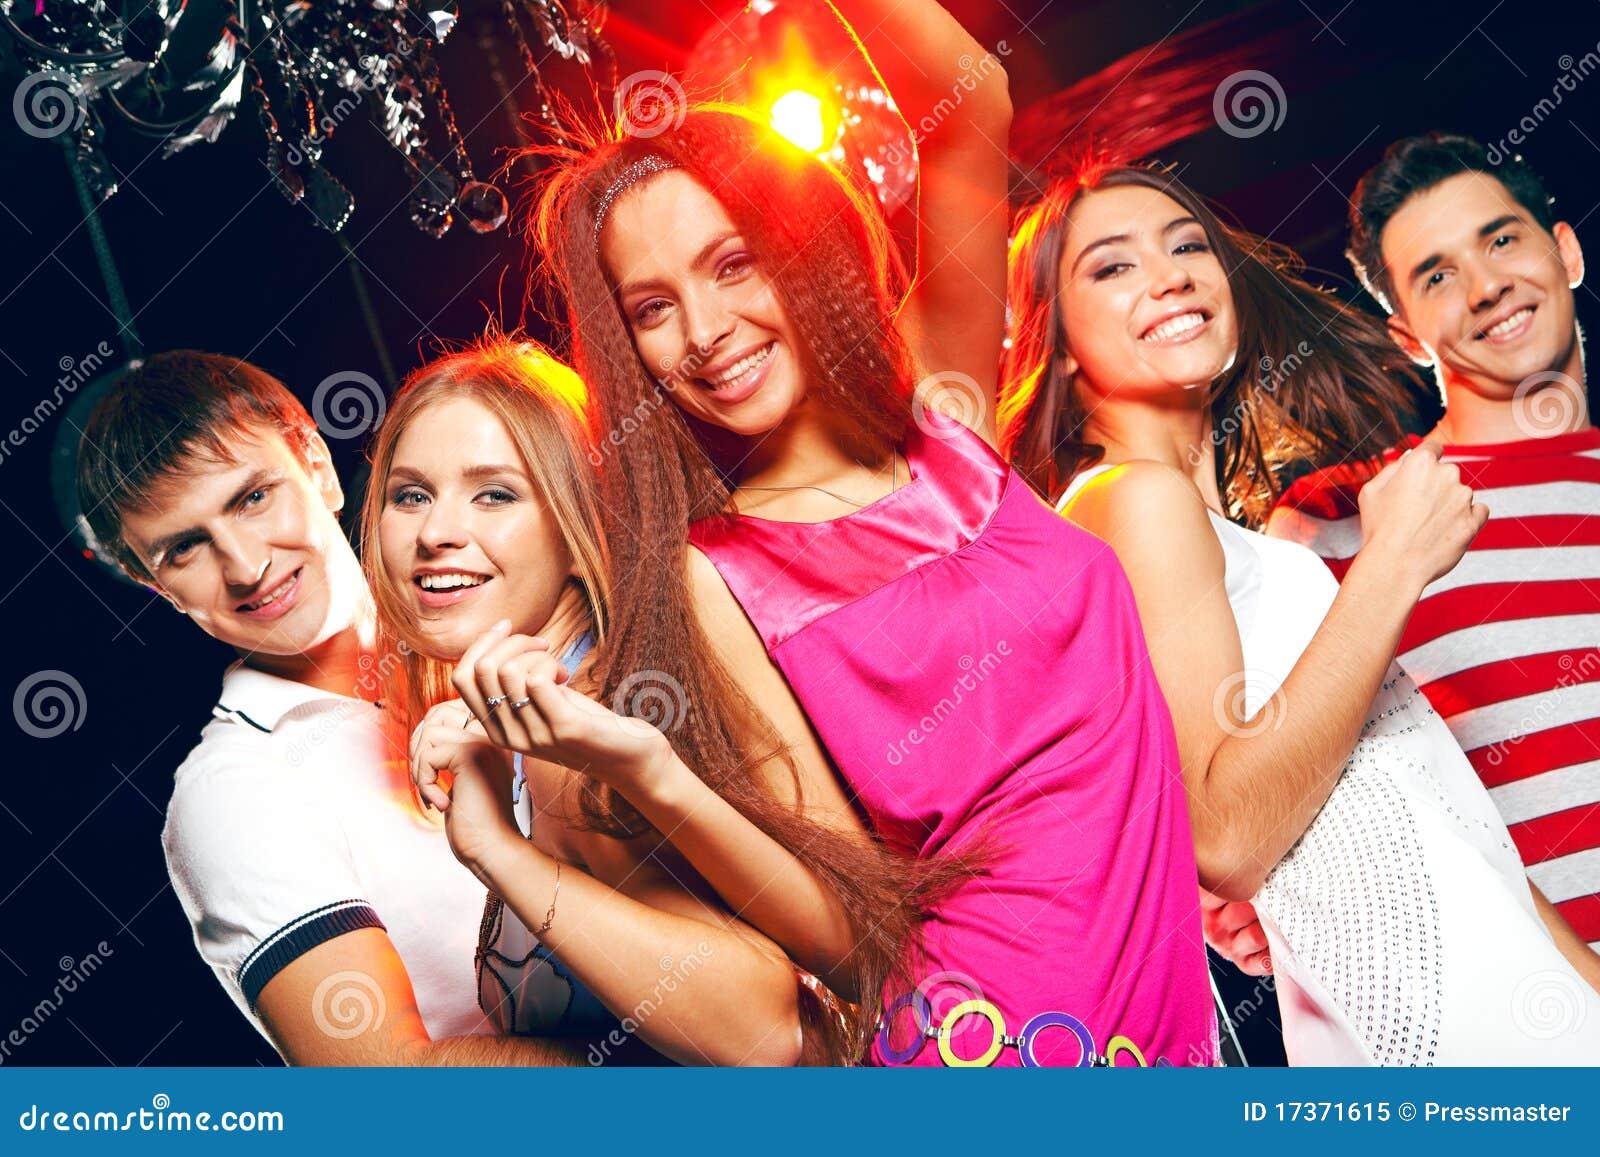 Фотографии девушки в клубе 11 фотография